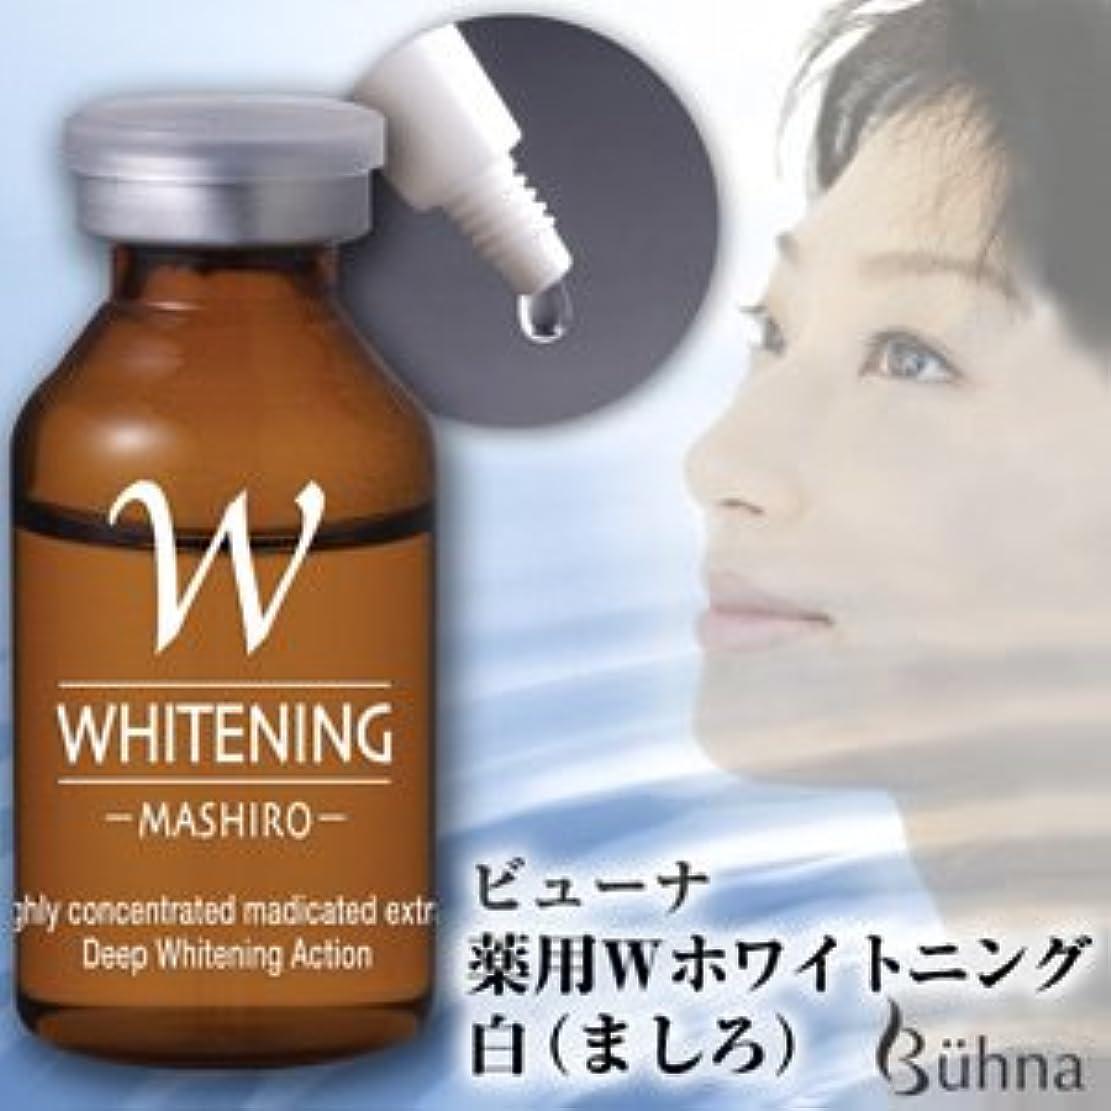 本大学院哲学的超高濃度!W原液がシミを断つ、翌朝の肌で感じる美肌力『薬用ダブルホワイトニング白(ましろ)』